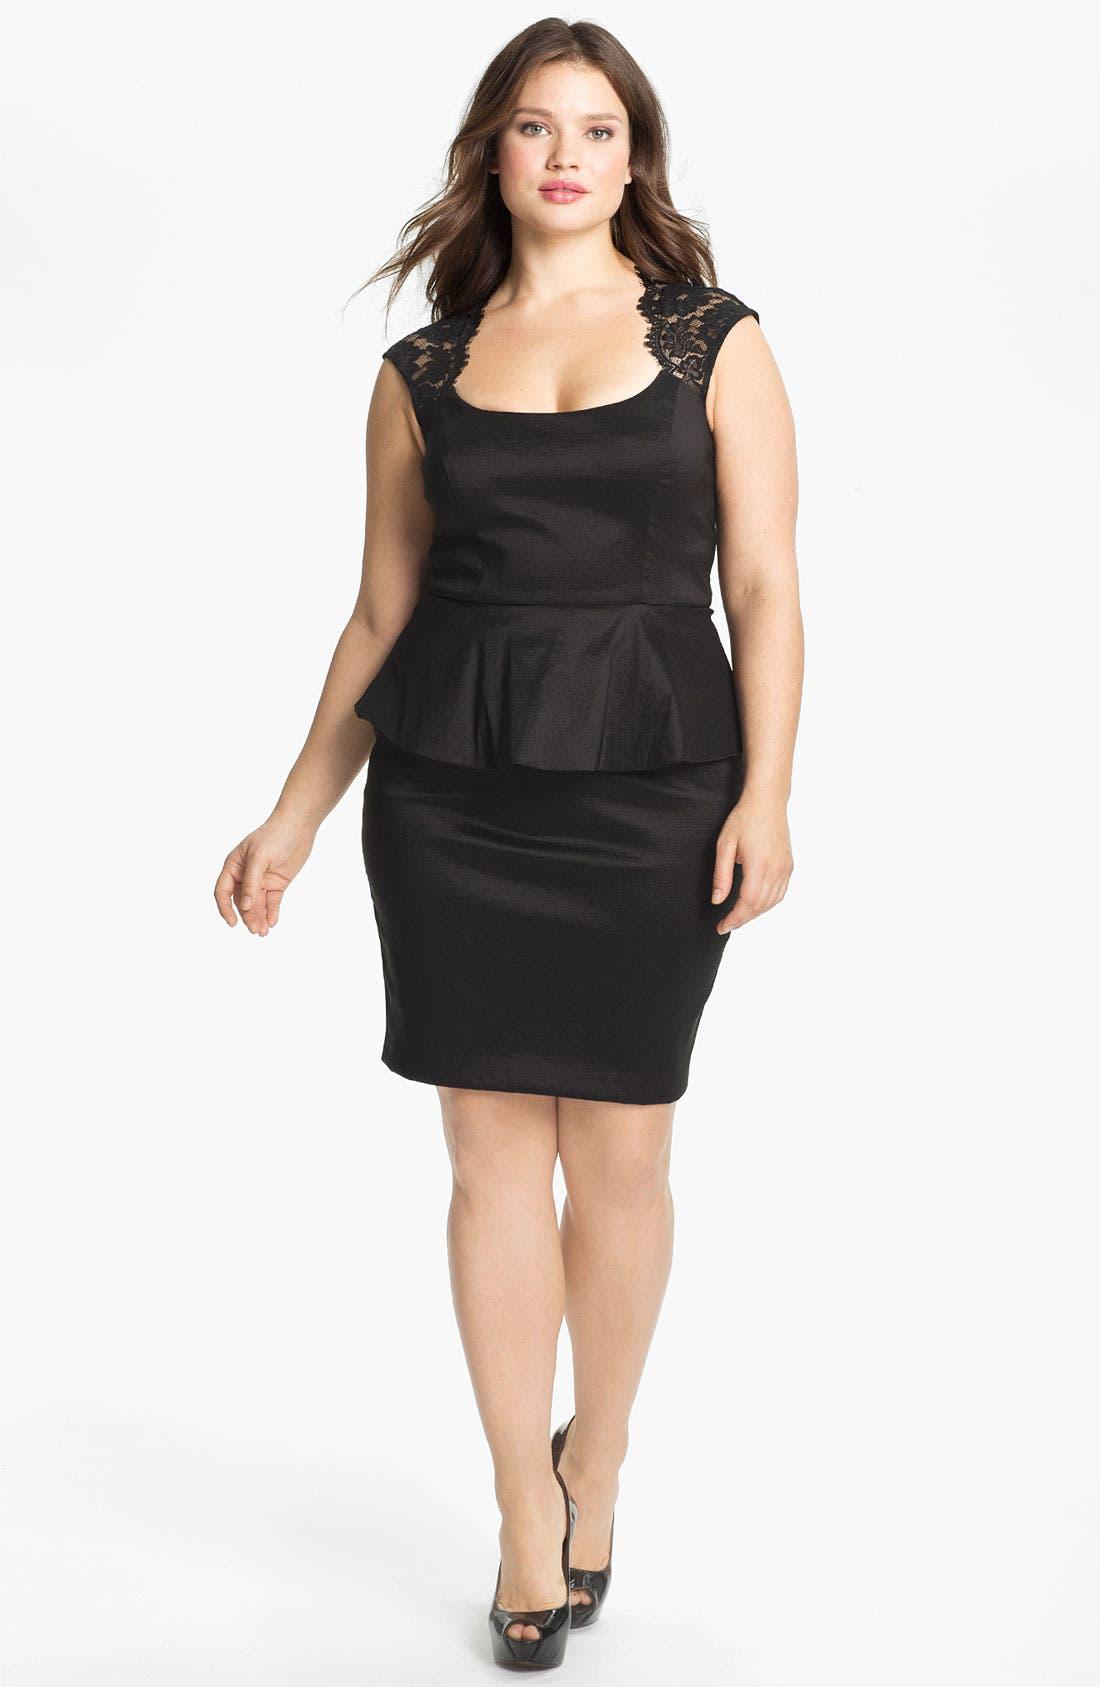 Main Image - Xscape Lace Detail Peplum Dress (Plus Size)